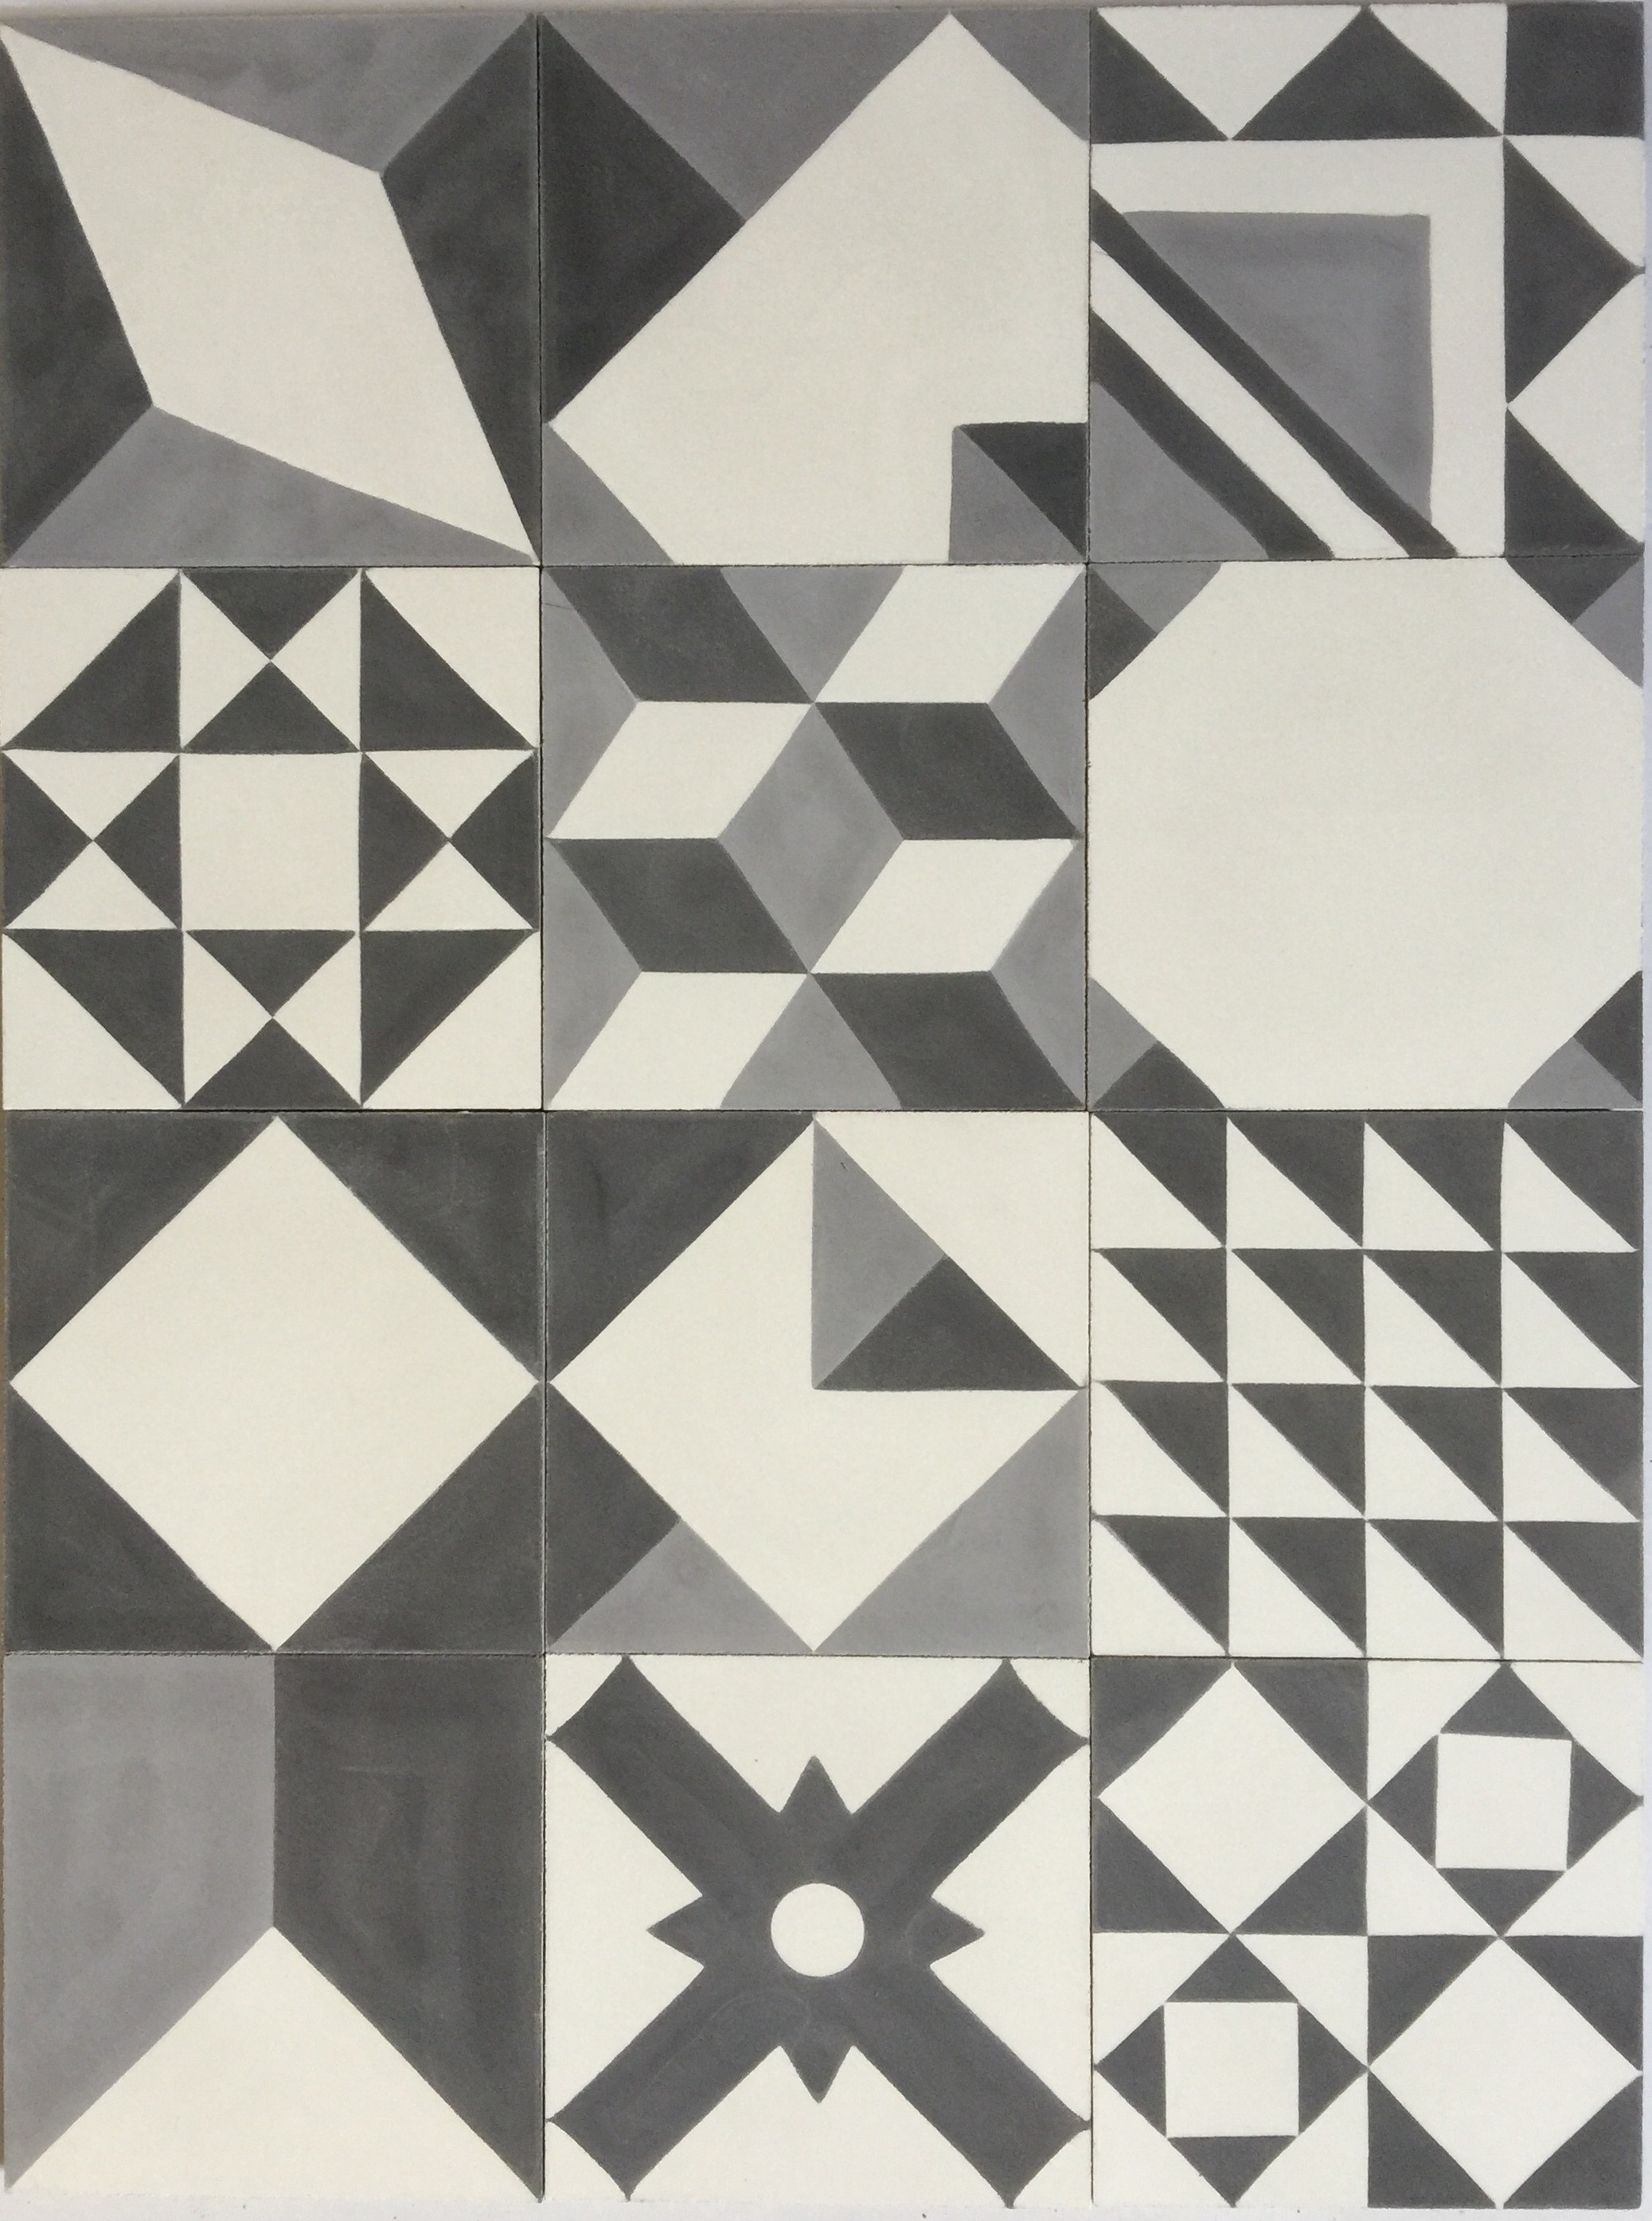 baldosa hidr u00e1ulica patchwork blanco y negro